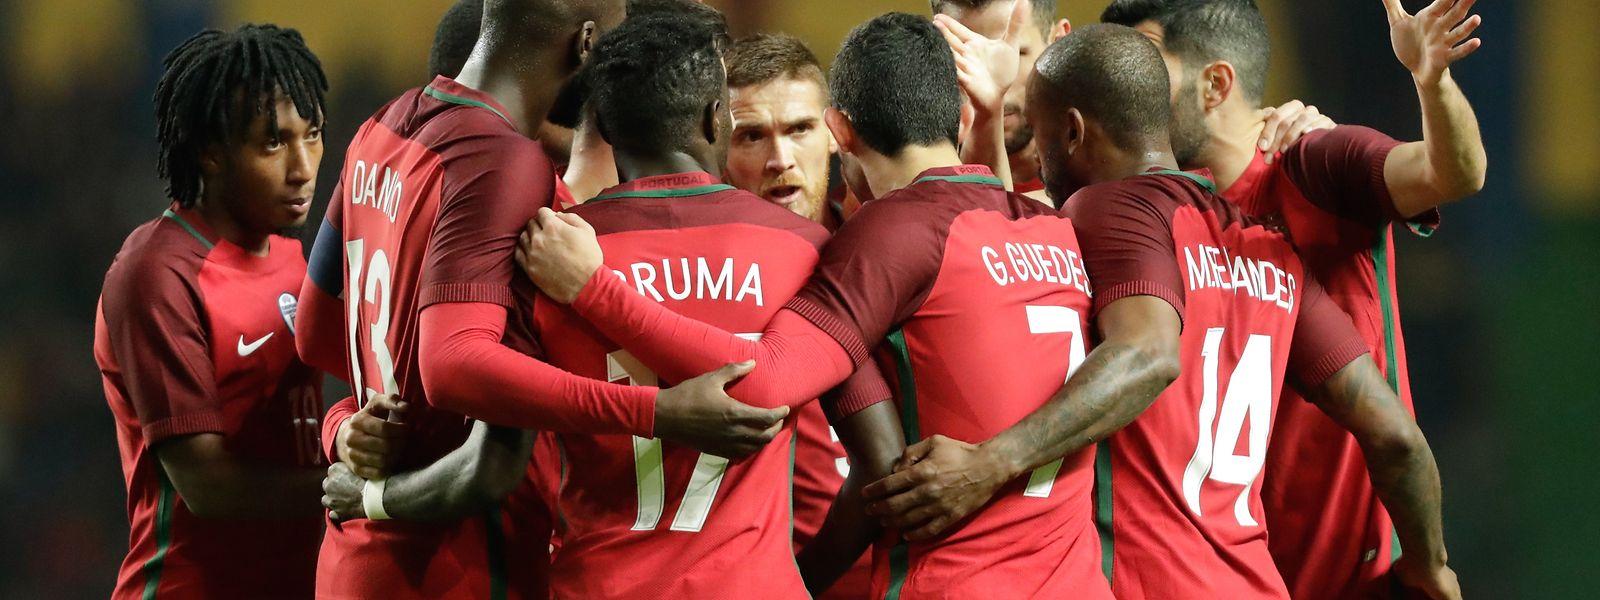 Portugal celebra o golo do empate frente aos Estados Unidos em jogo particular, que serve, em simultâneo, para ajudar vítimas dos incêndios deste verão.